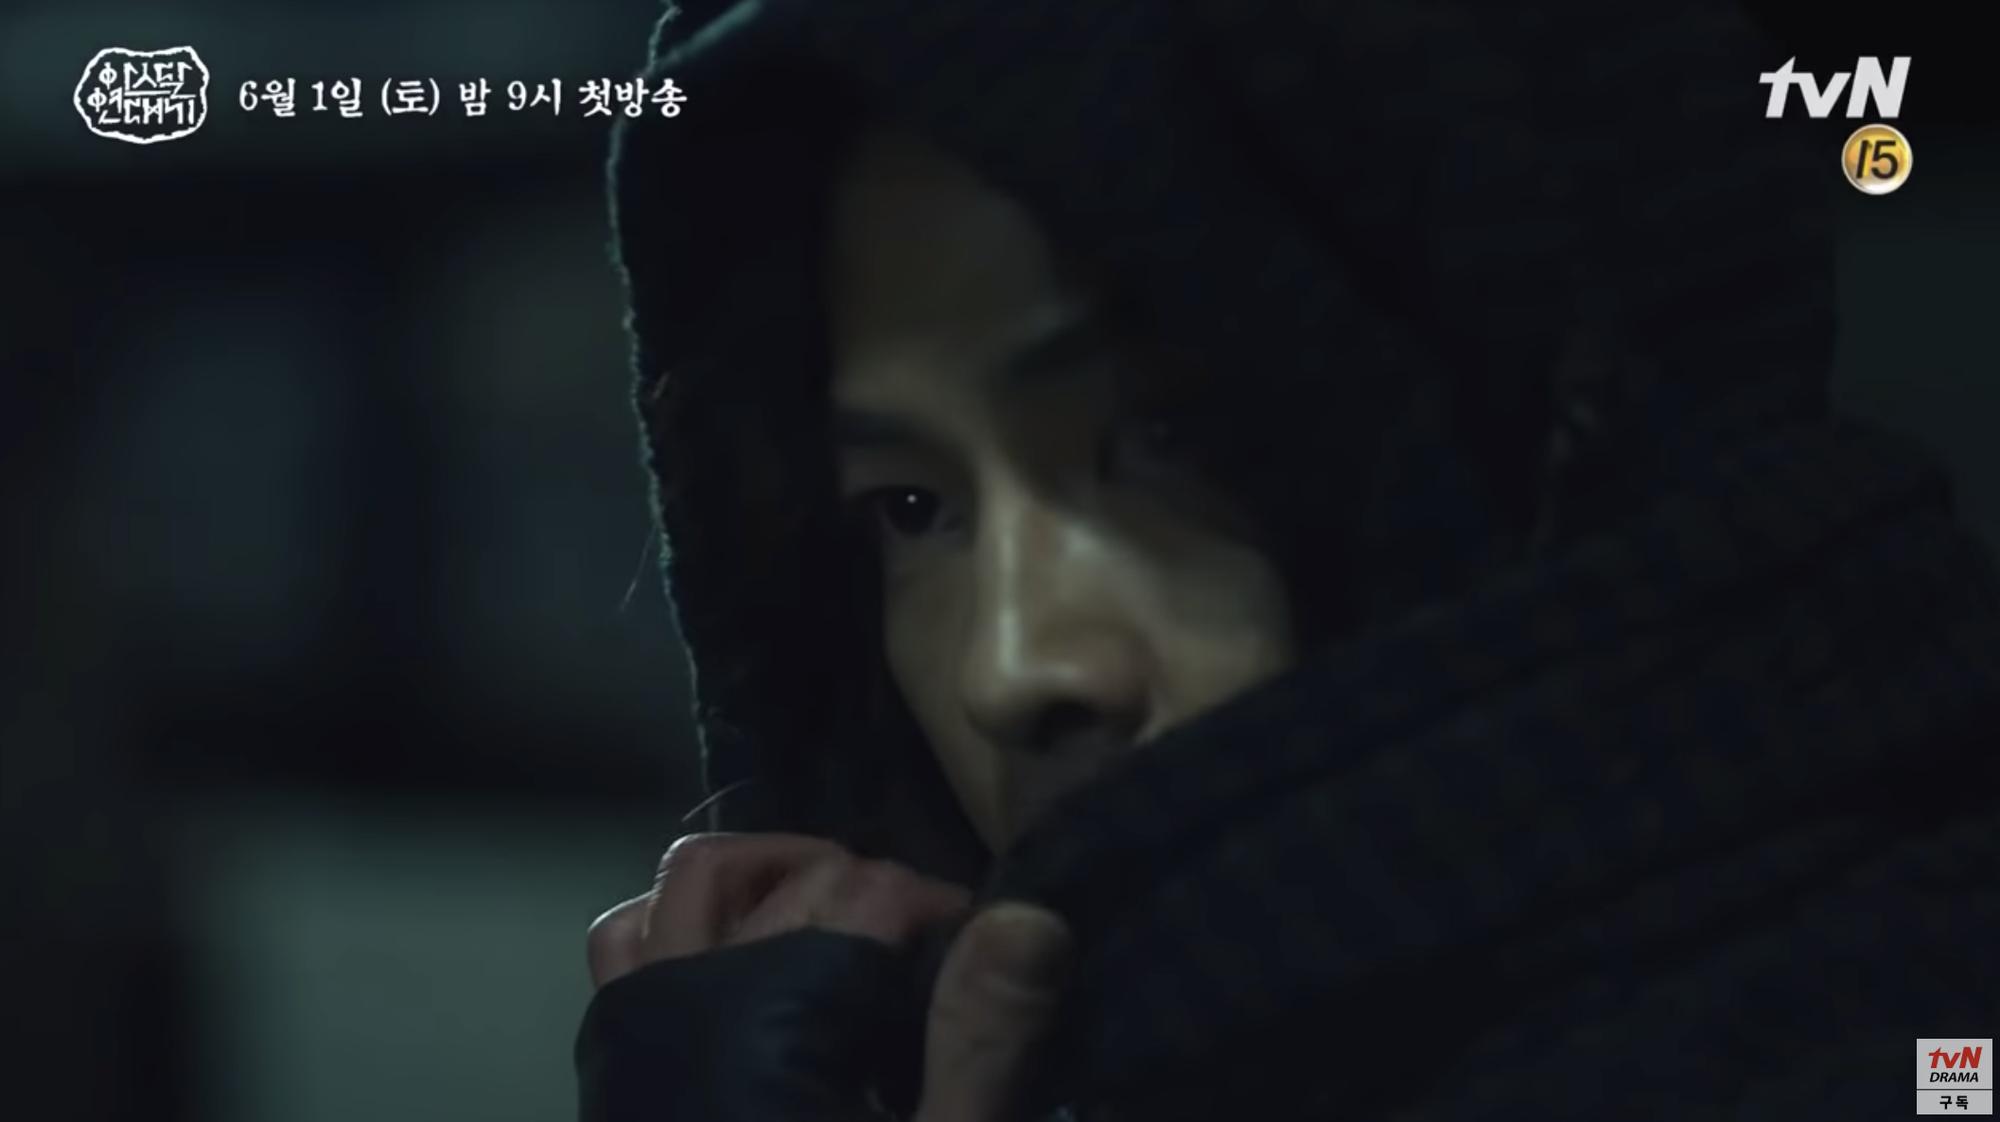 Bom tấn của Song Joong Ki lại nhá hàng teaser mới nhưng sao có cả EXO và BTS thế này? - Ảnh 9.